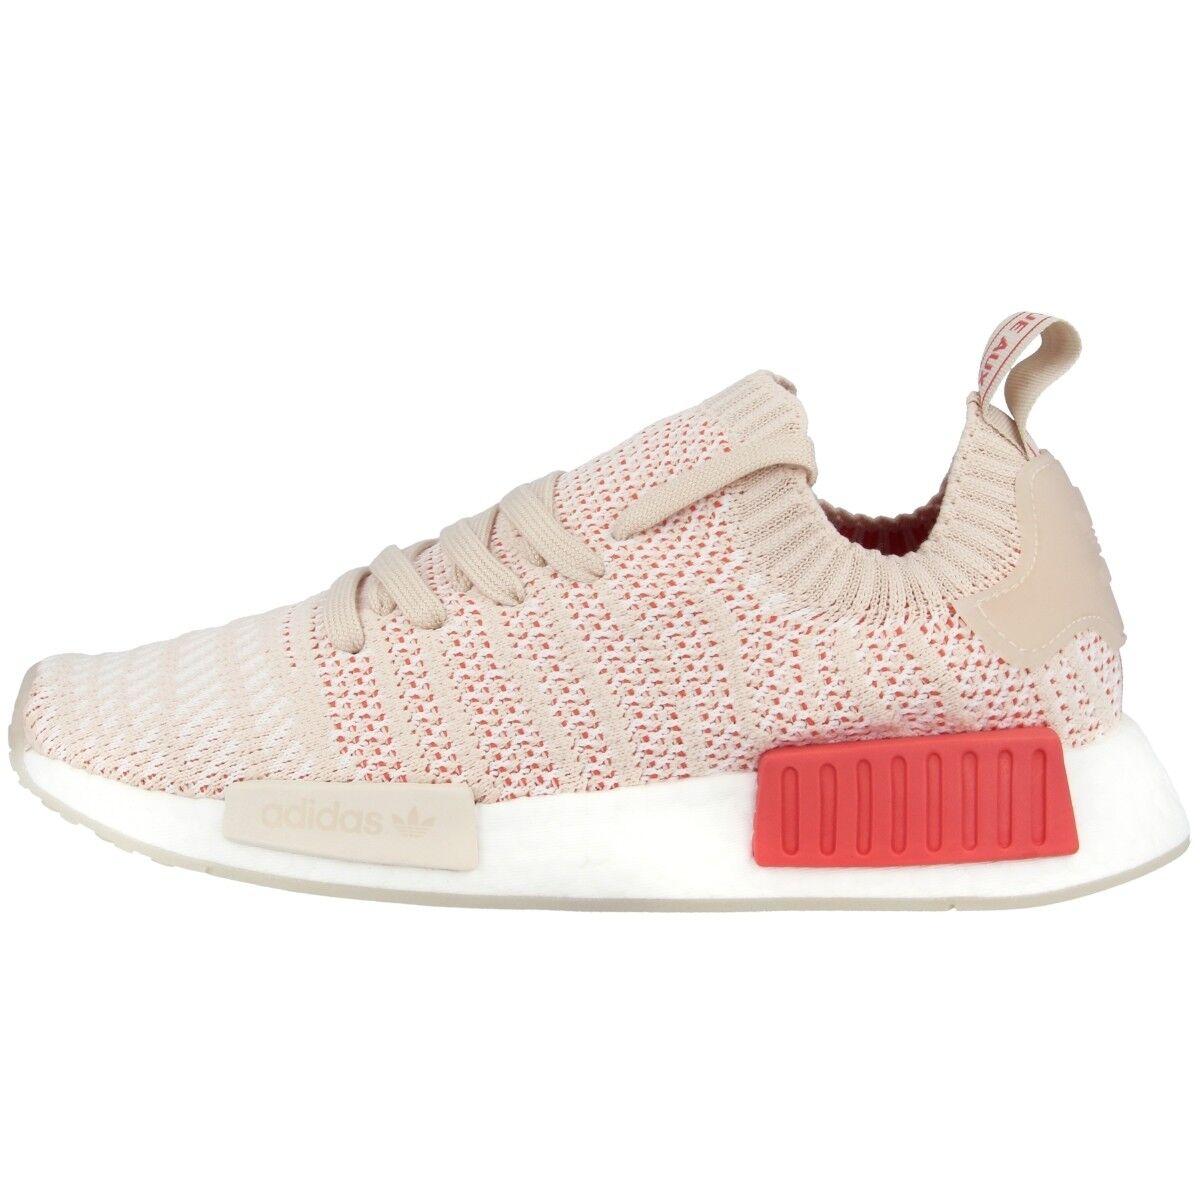 Adidas nmd_r1 stlt Femmes PK Primeknit Chaussures Women Femmes stlt Basket cuisine Blanc cq2030 037d8a